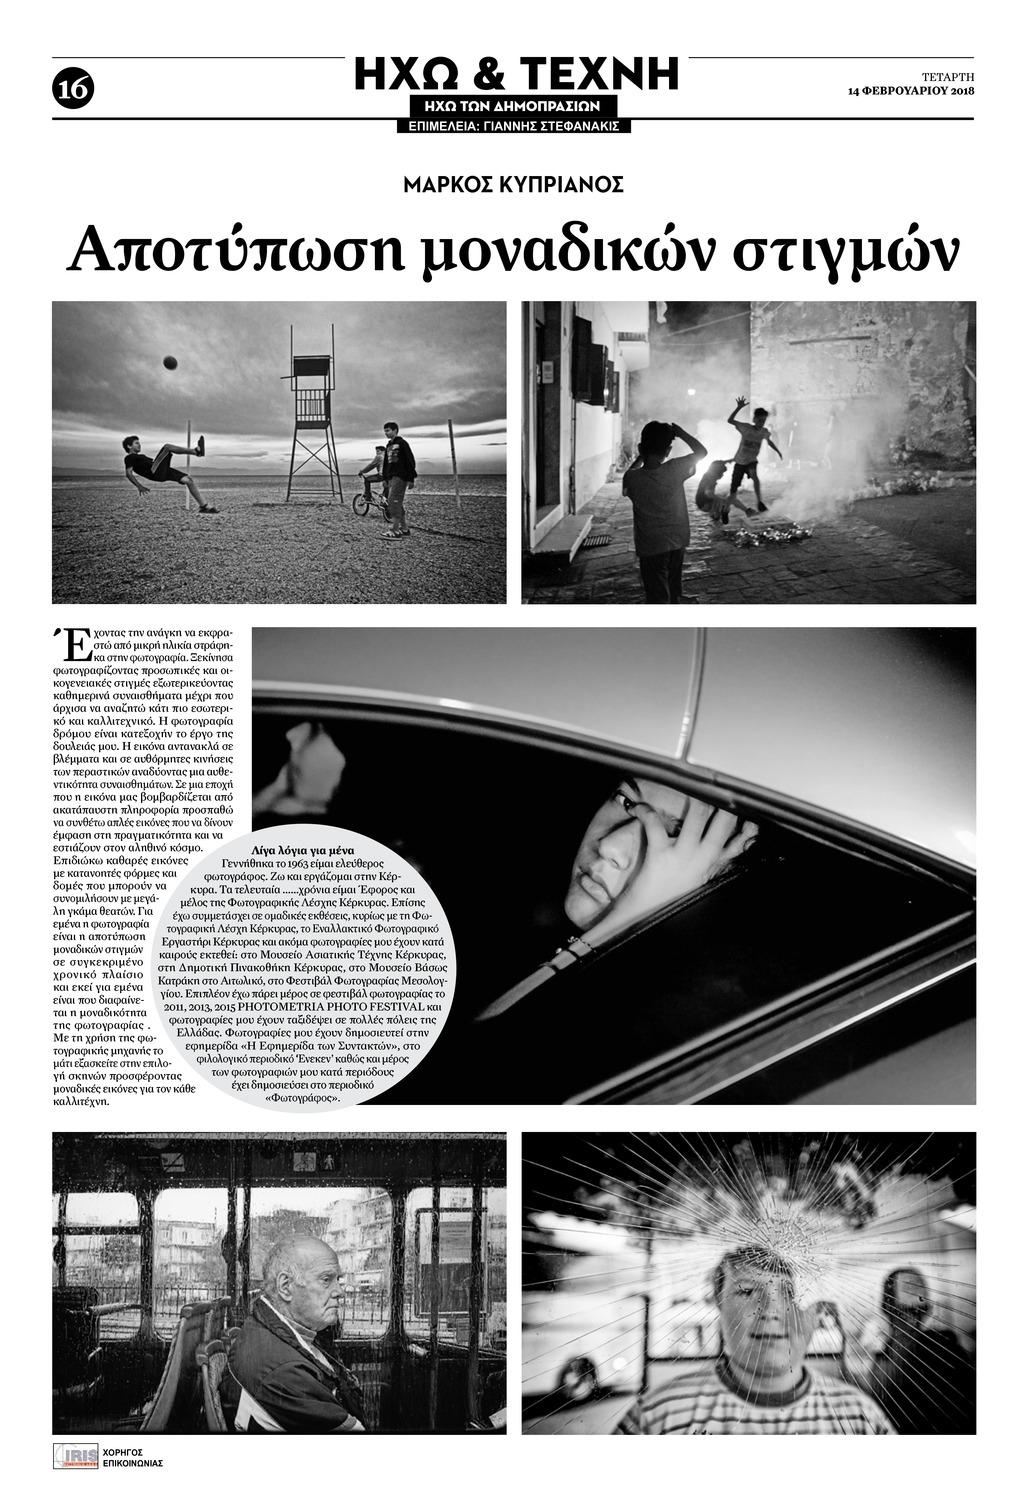 Οπισθόφυλλο εφημερίδας ������